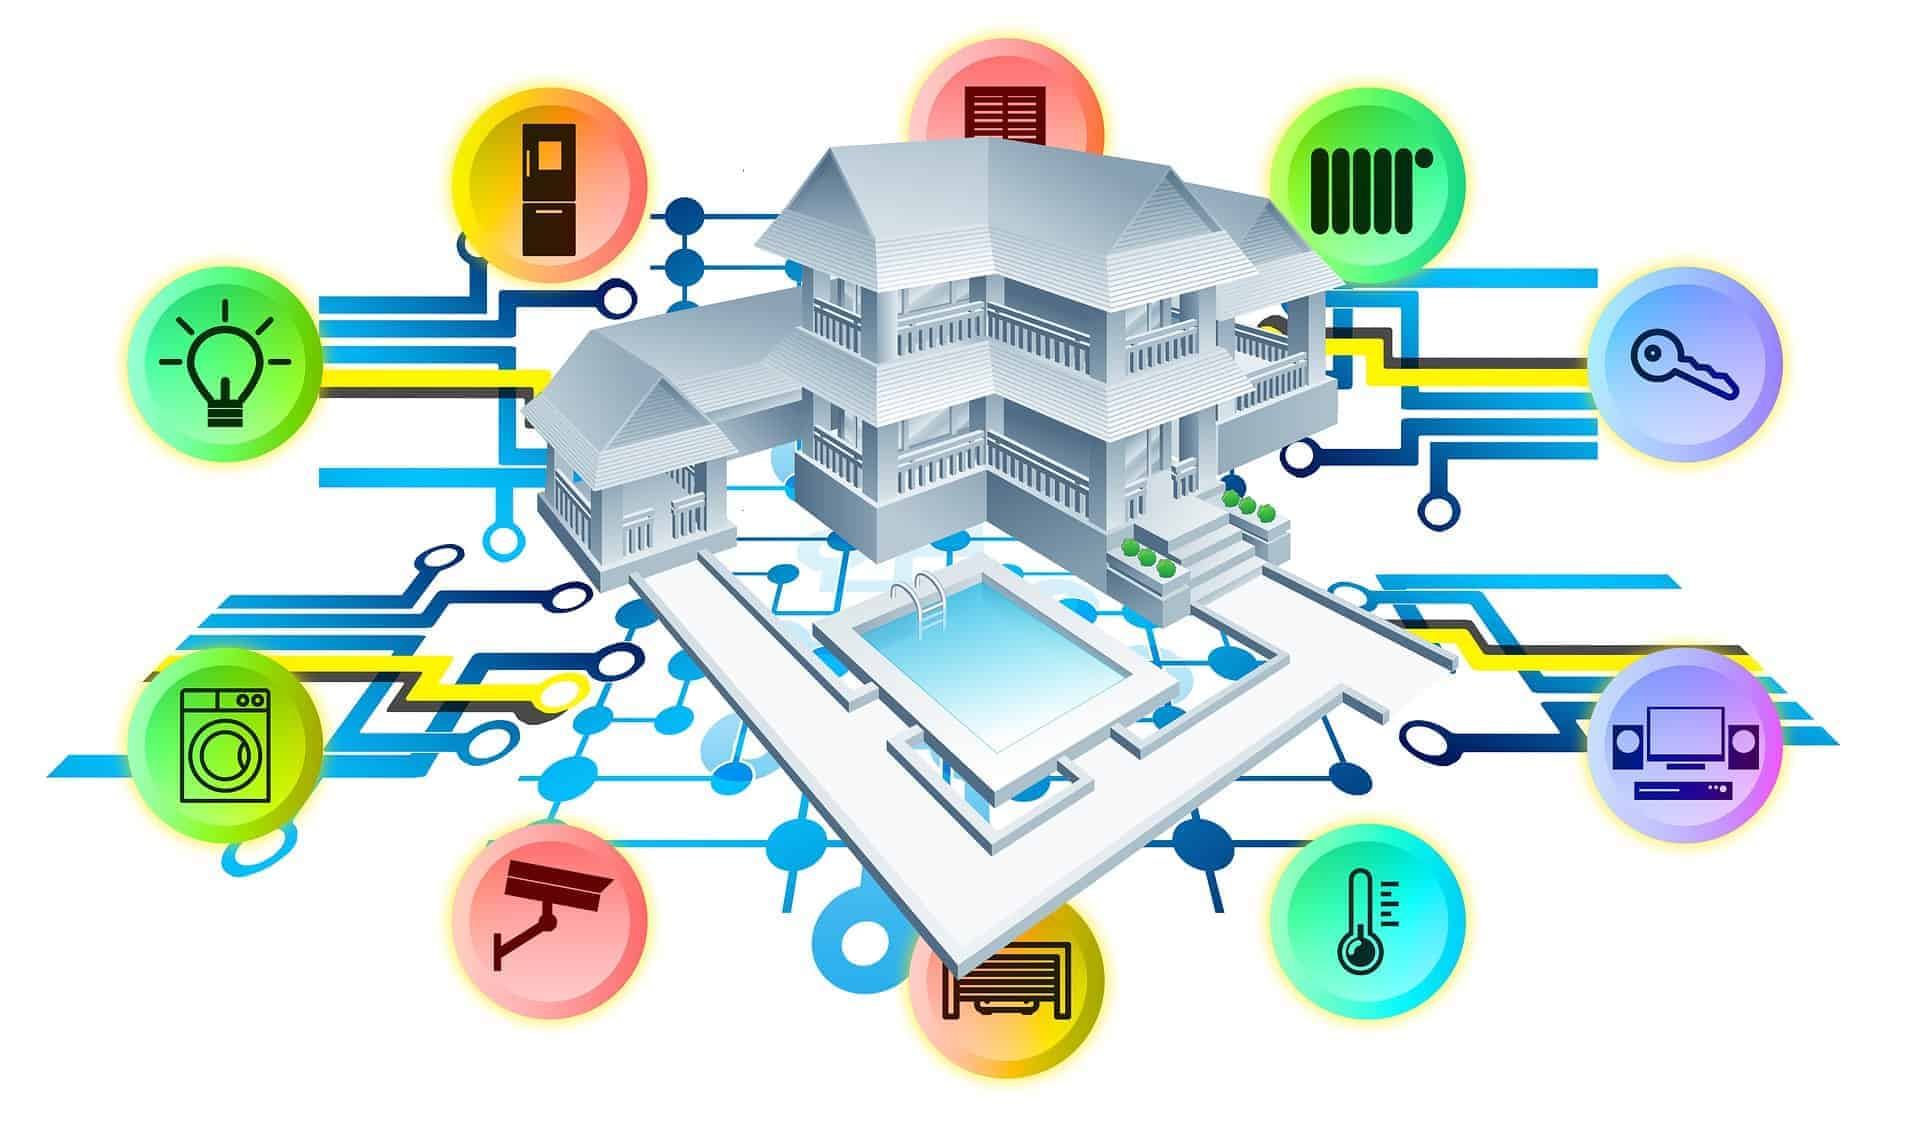 El sistema de domótica de mi casa (el controlador o cerebro de la casa)